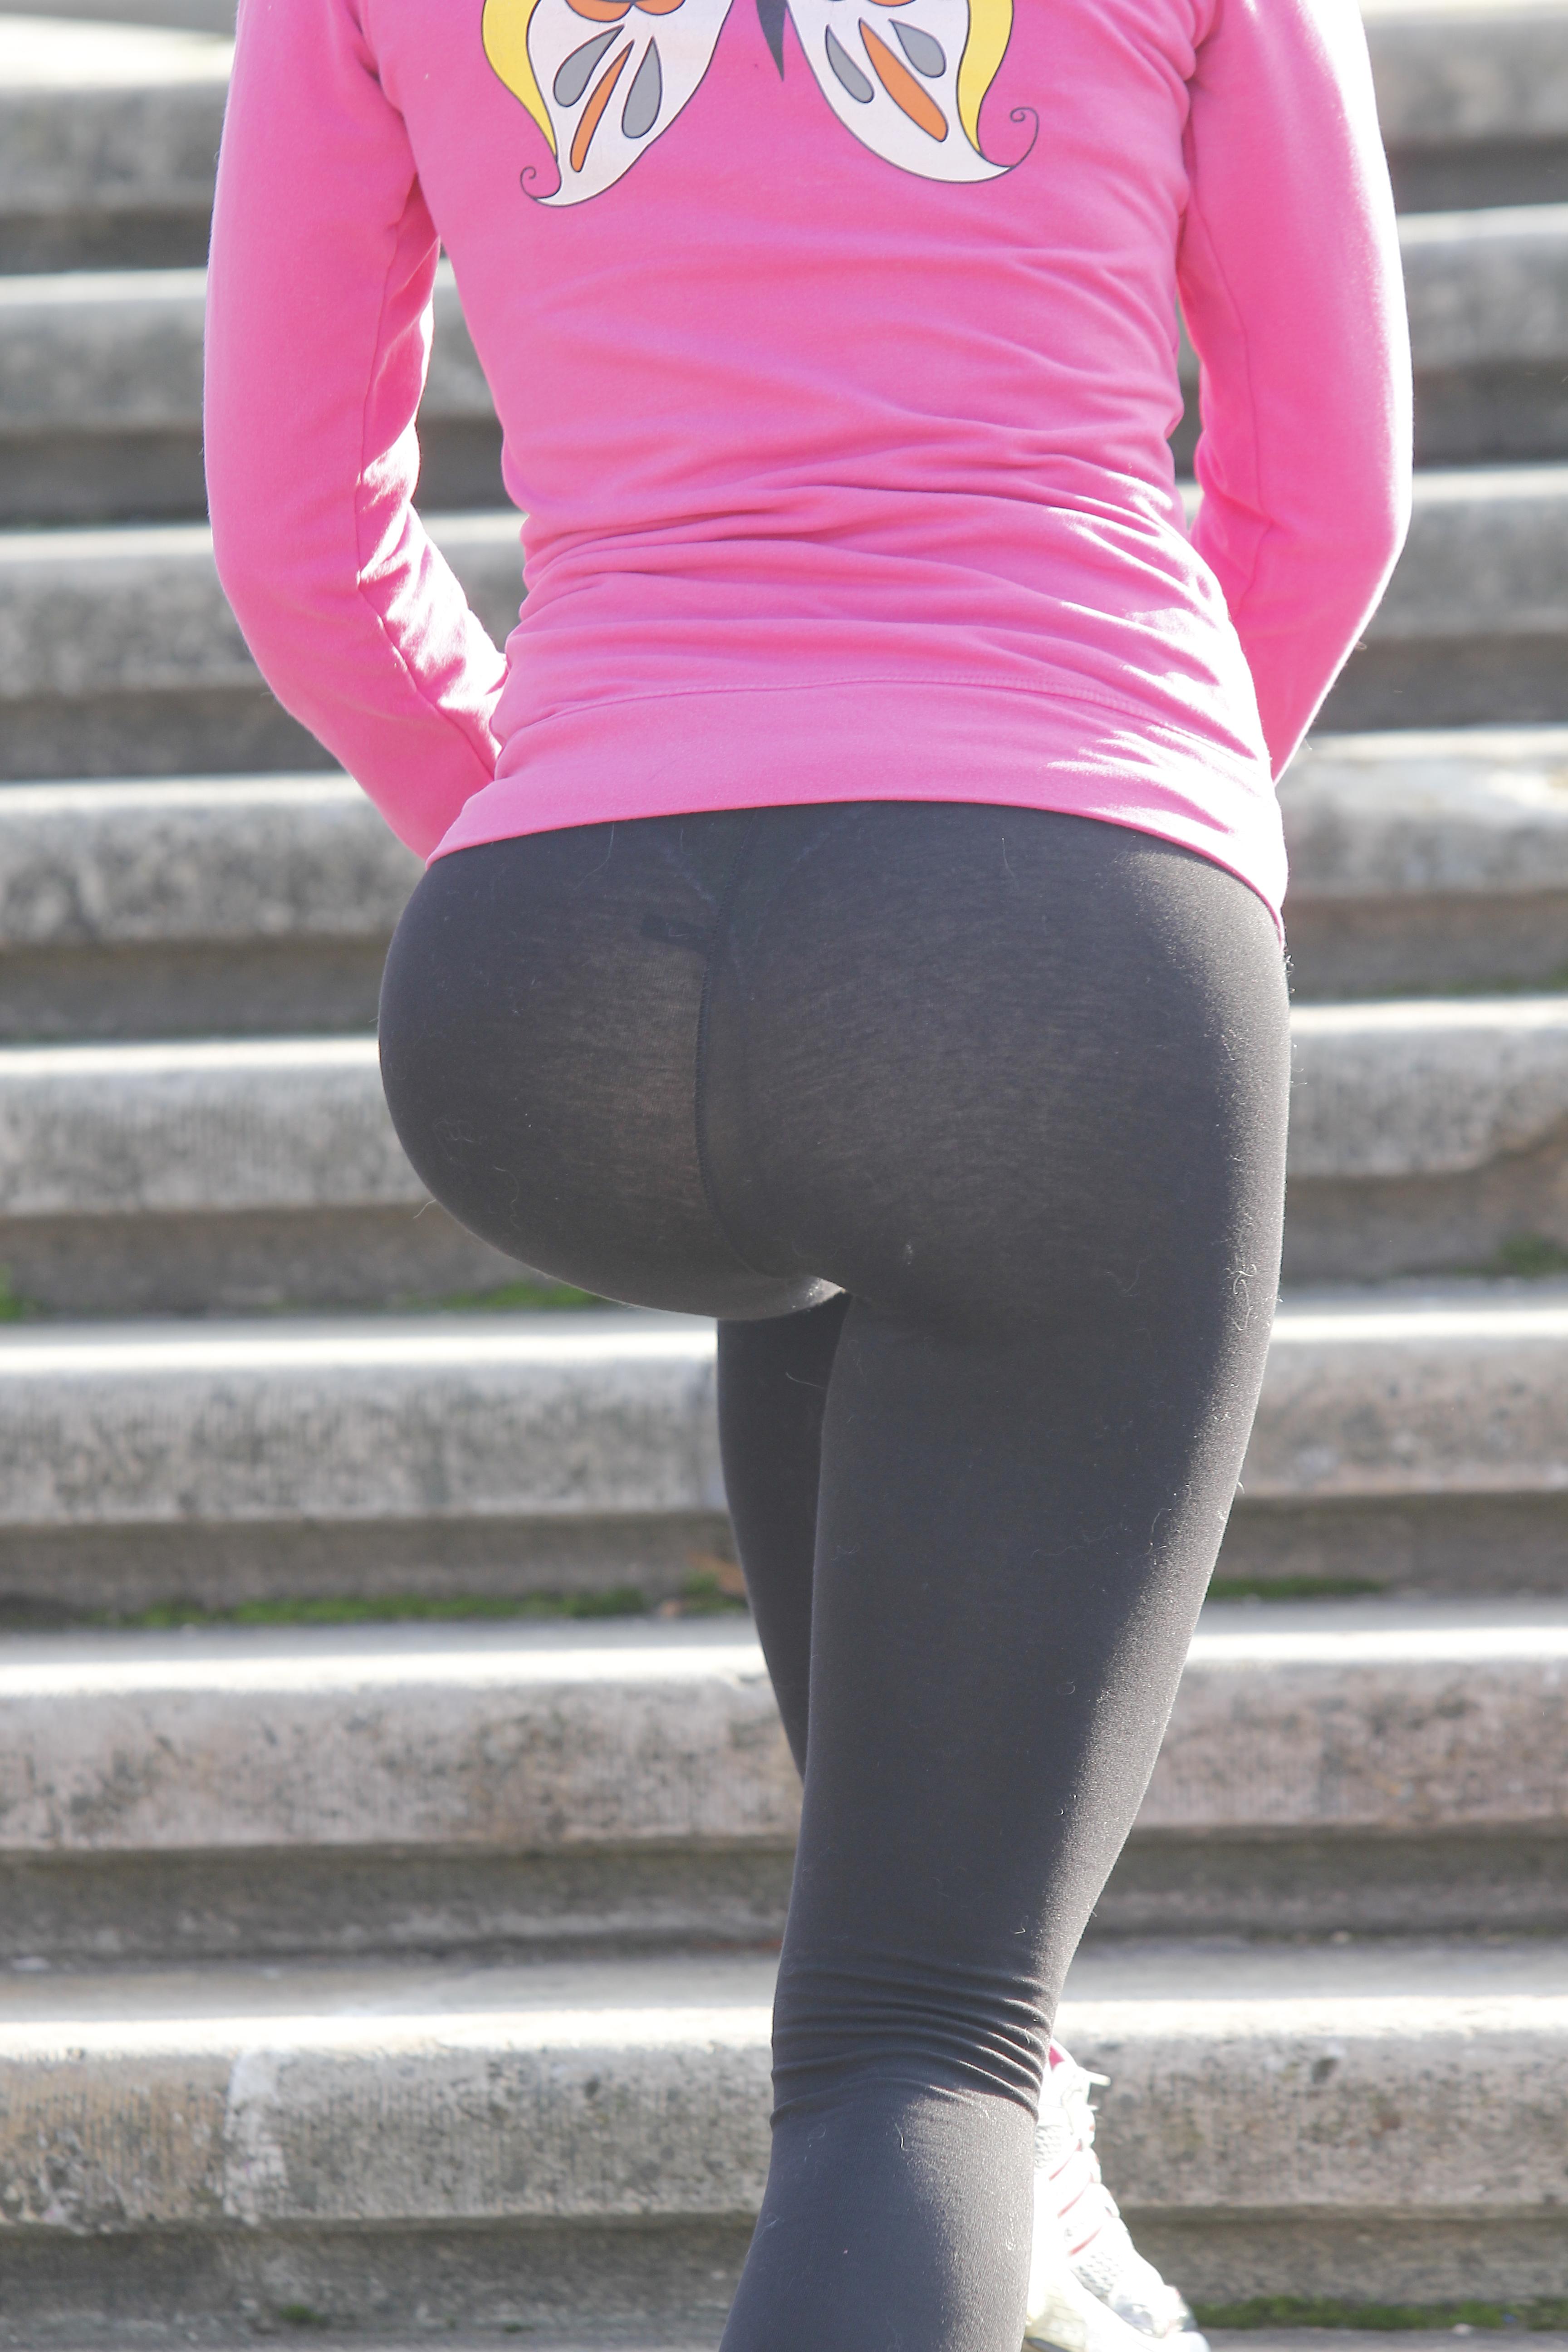 Wanda iese aproape zilnic la gimnastica in parc, iar de cele ami multe ori alege sa poarte colanti